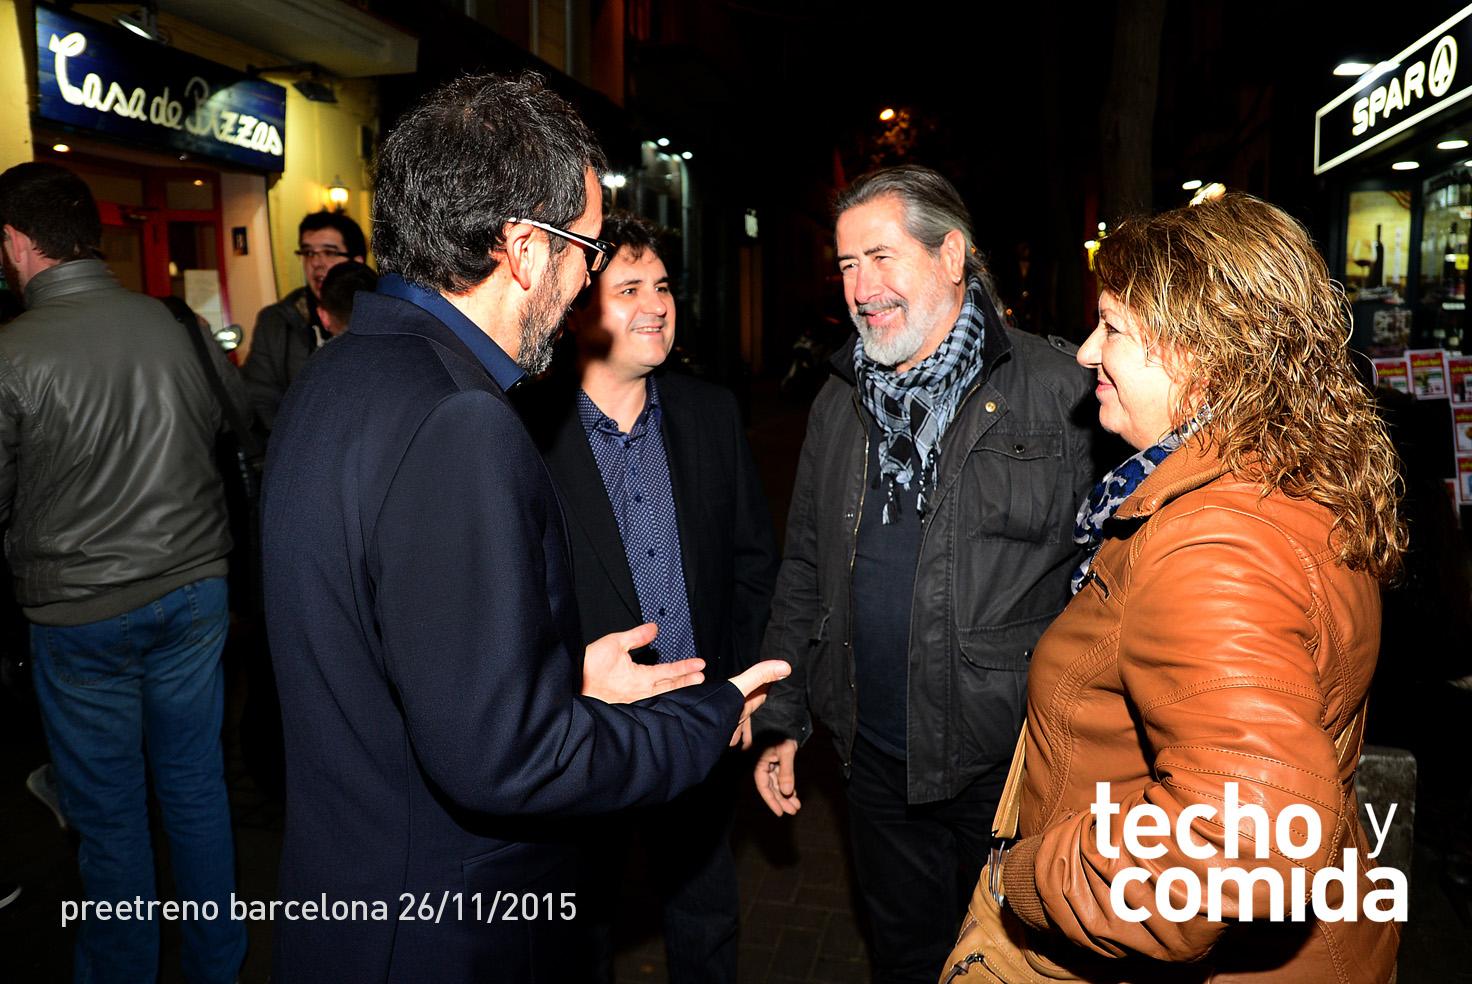 Barcelona_003_Techo y comida